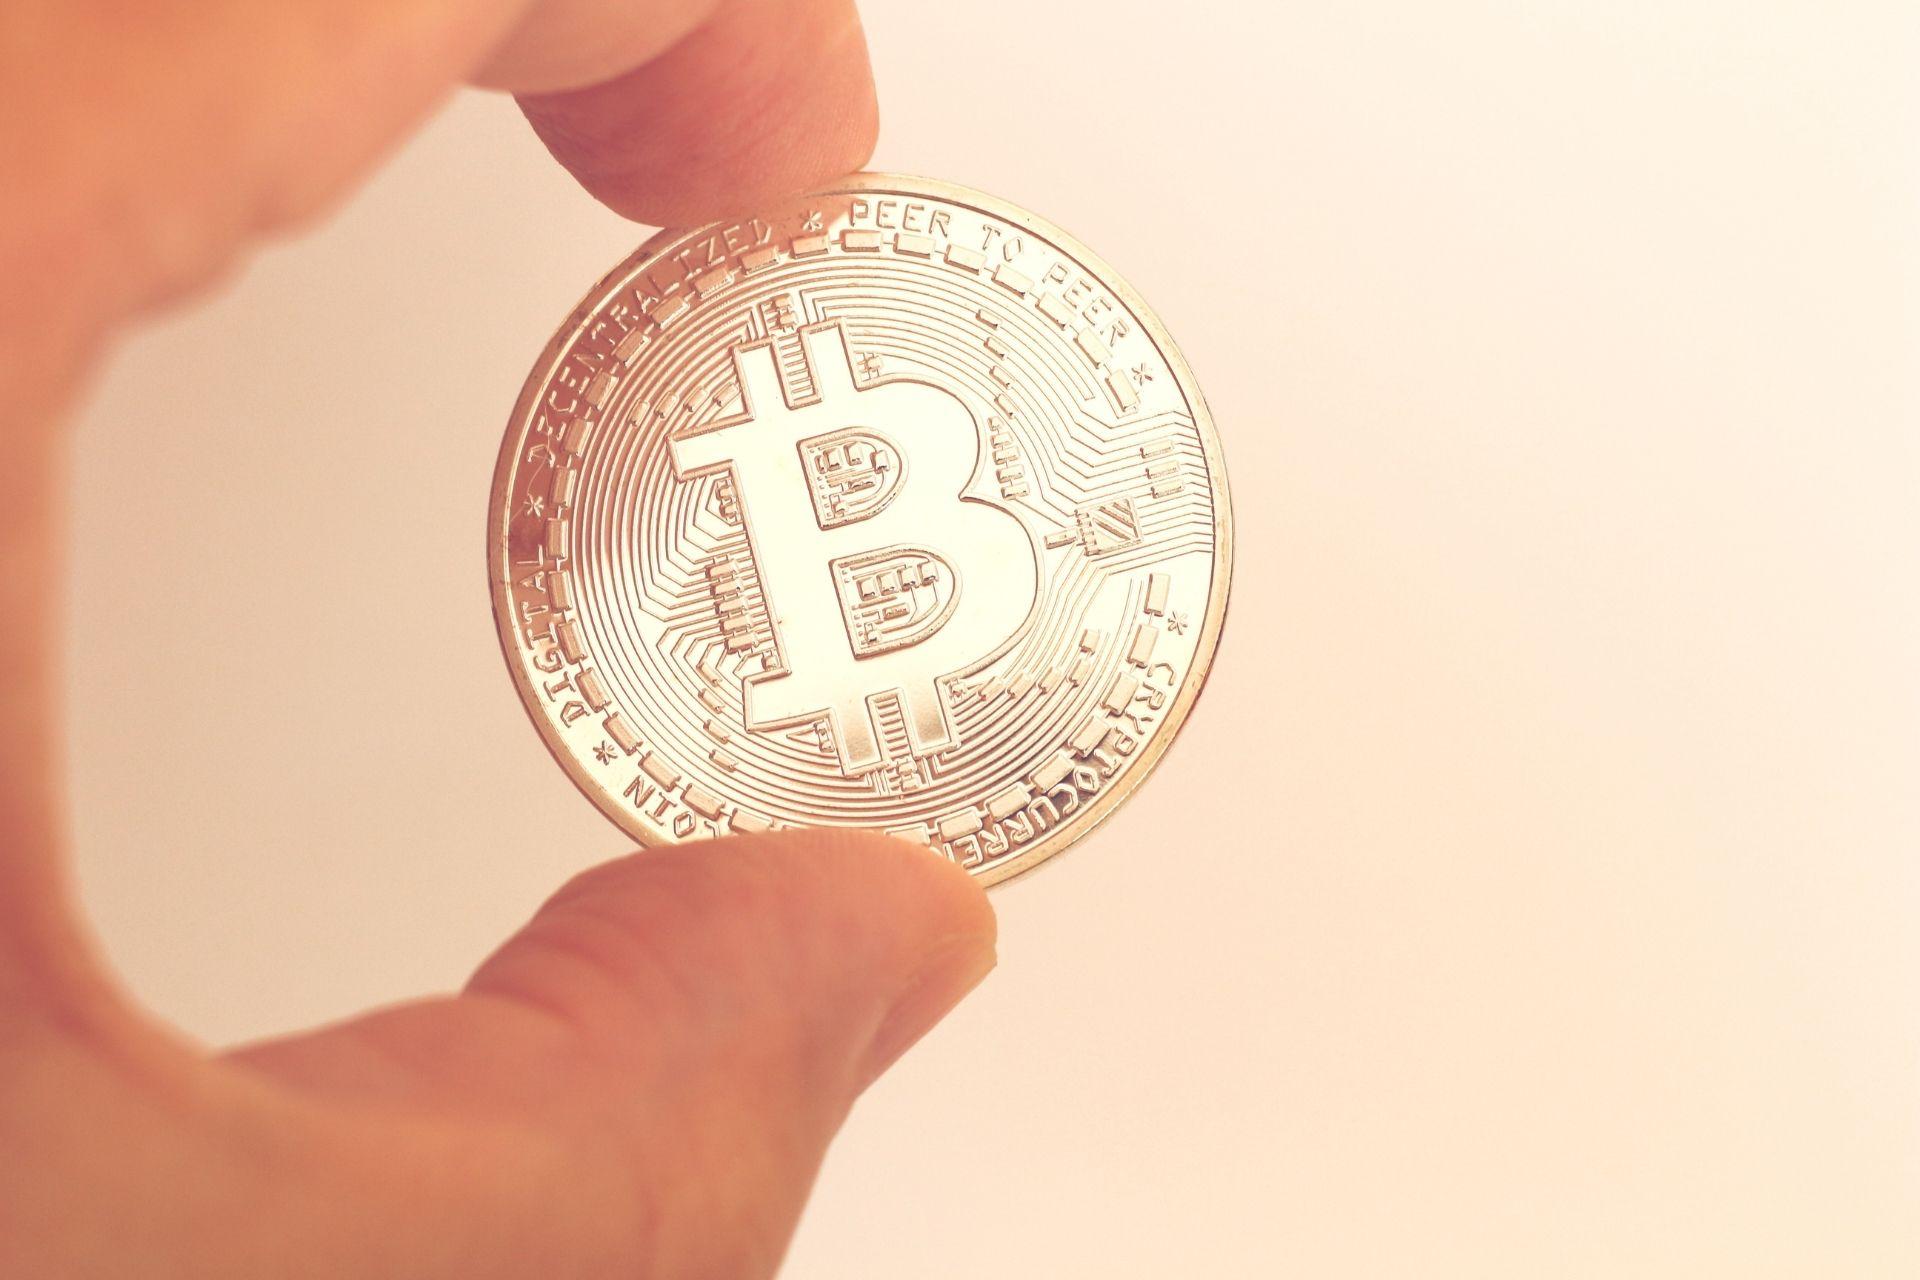 Oficialmente, Bitcoin se convierte en una moneda de curso legal en El Salvador, que es el primer país del mundo en adoptar la criptomoneda